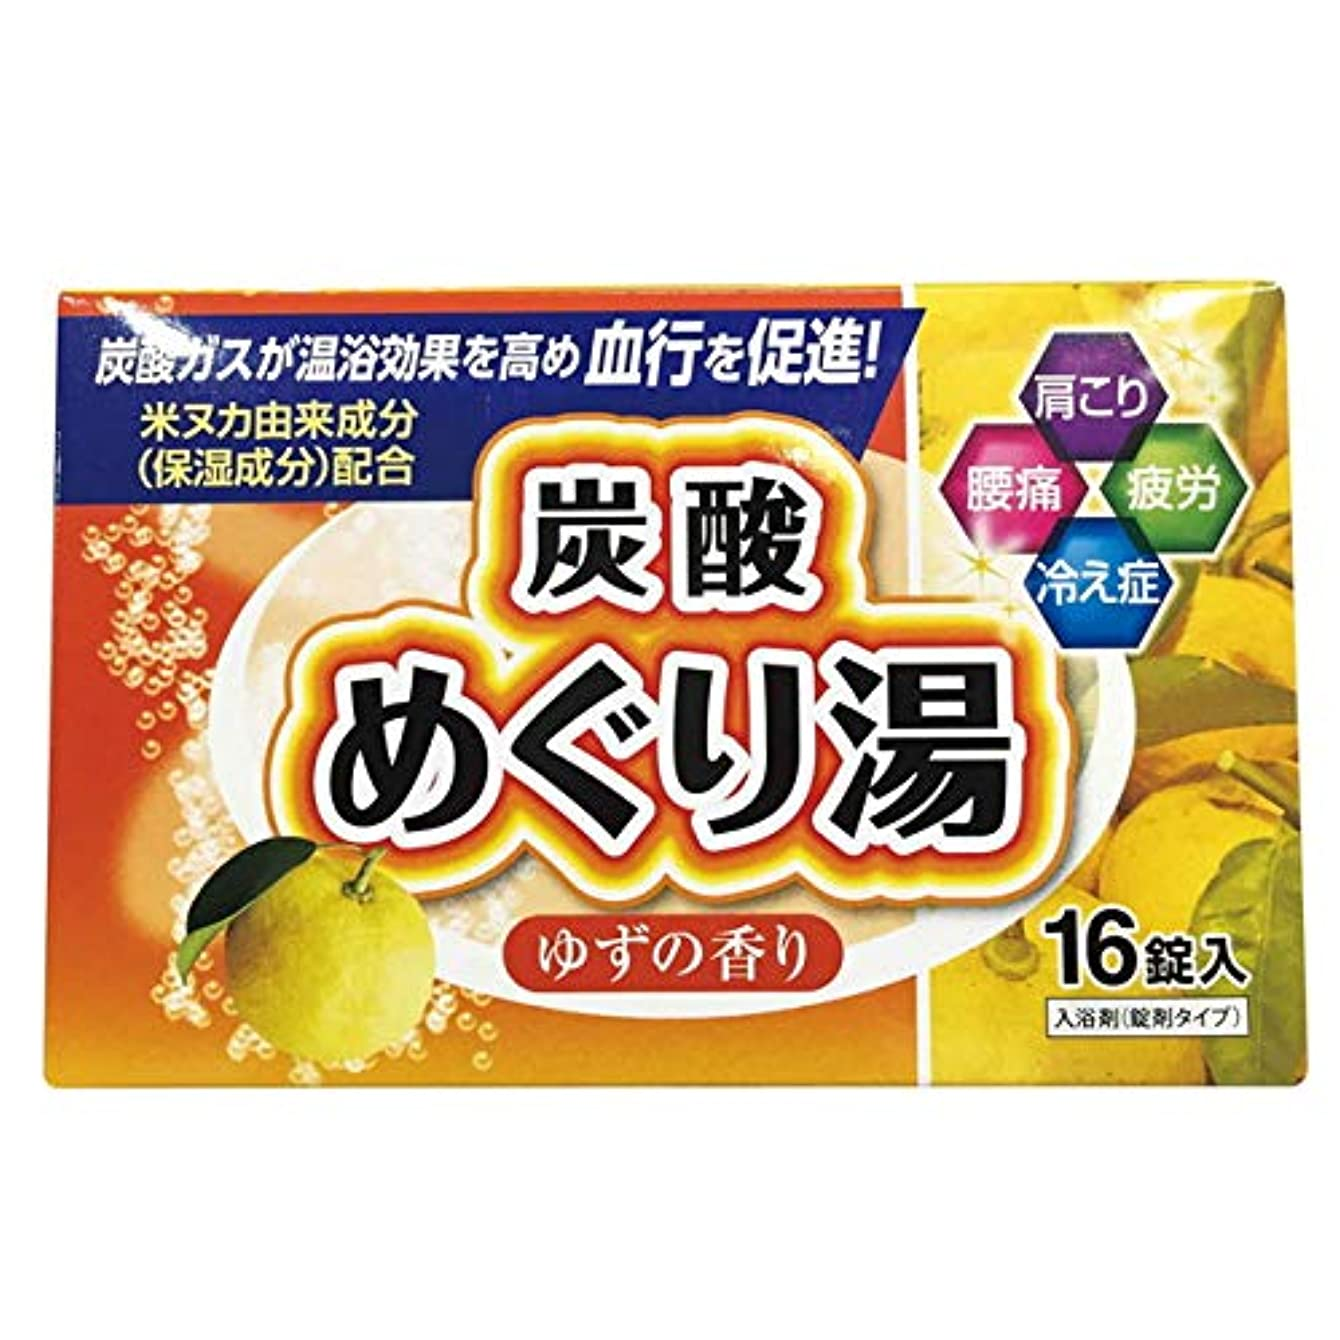 真面目な緑農業炭酸めぐり湯 ゆずの香り 16錠